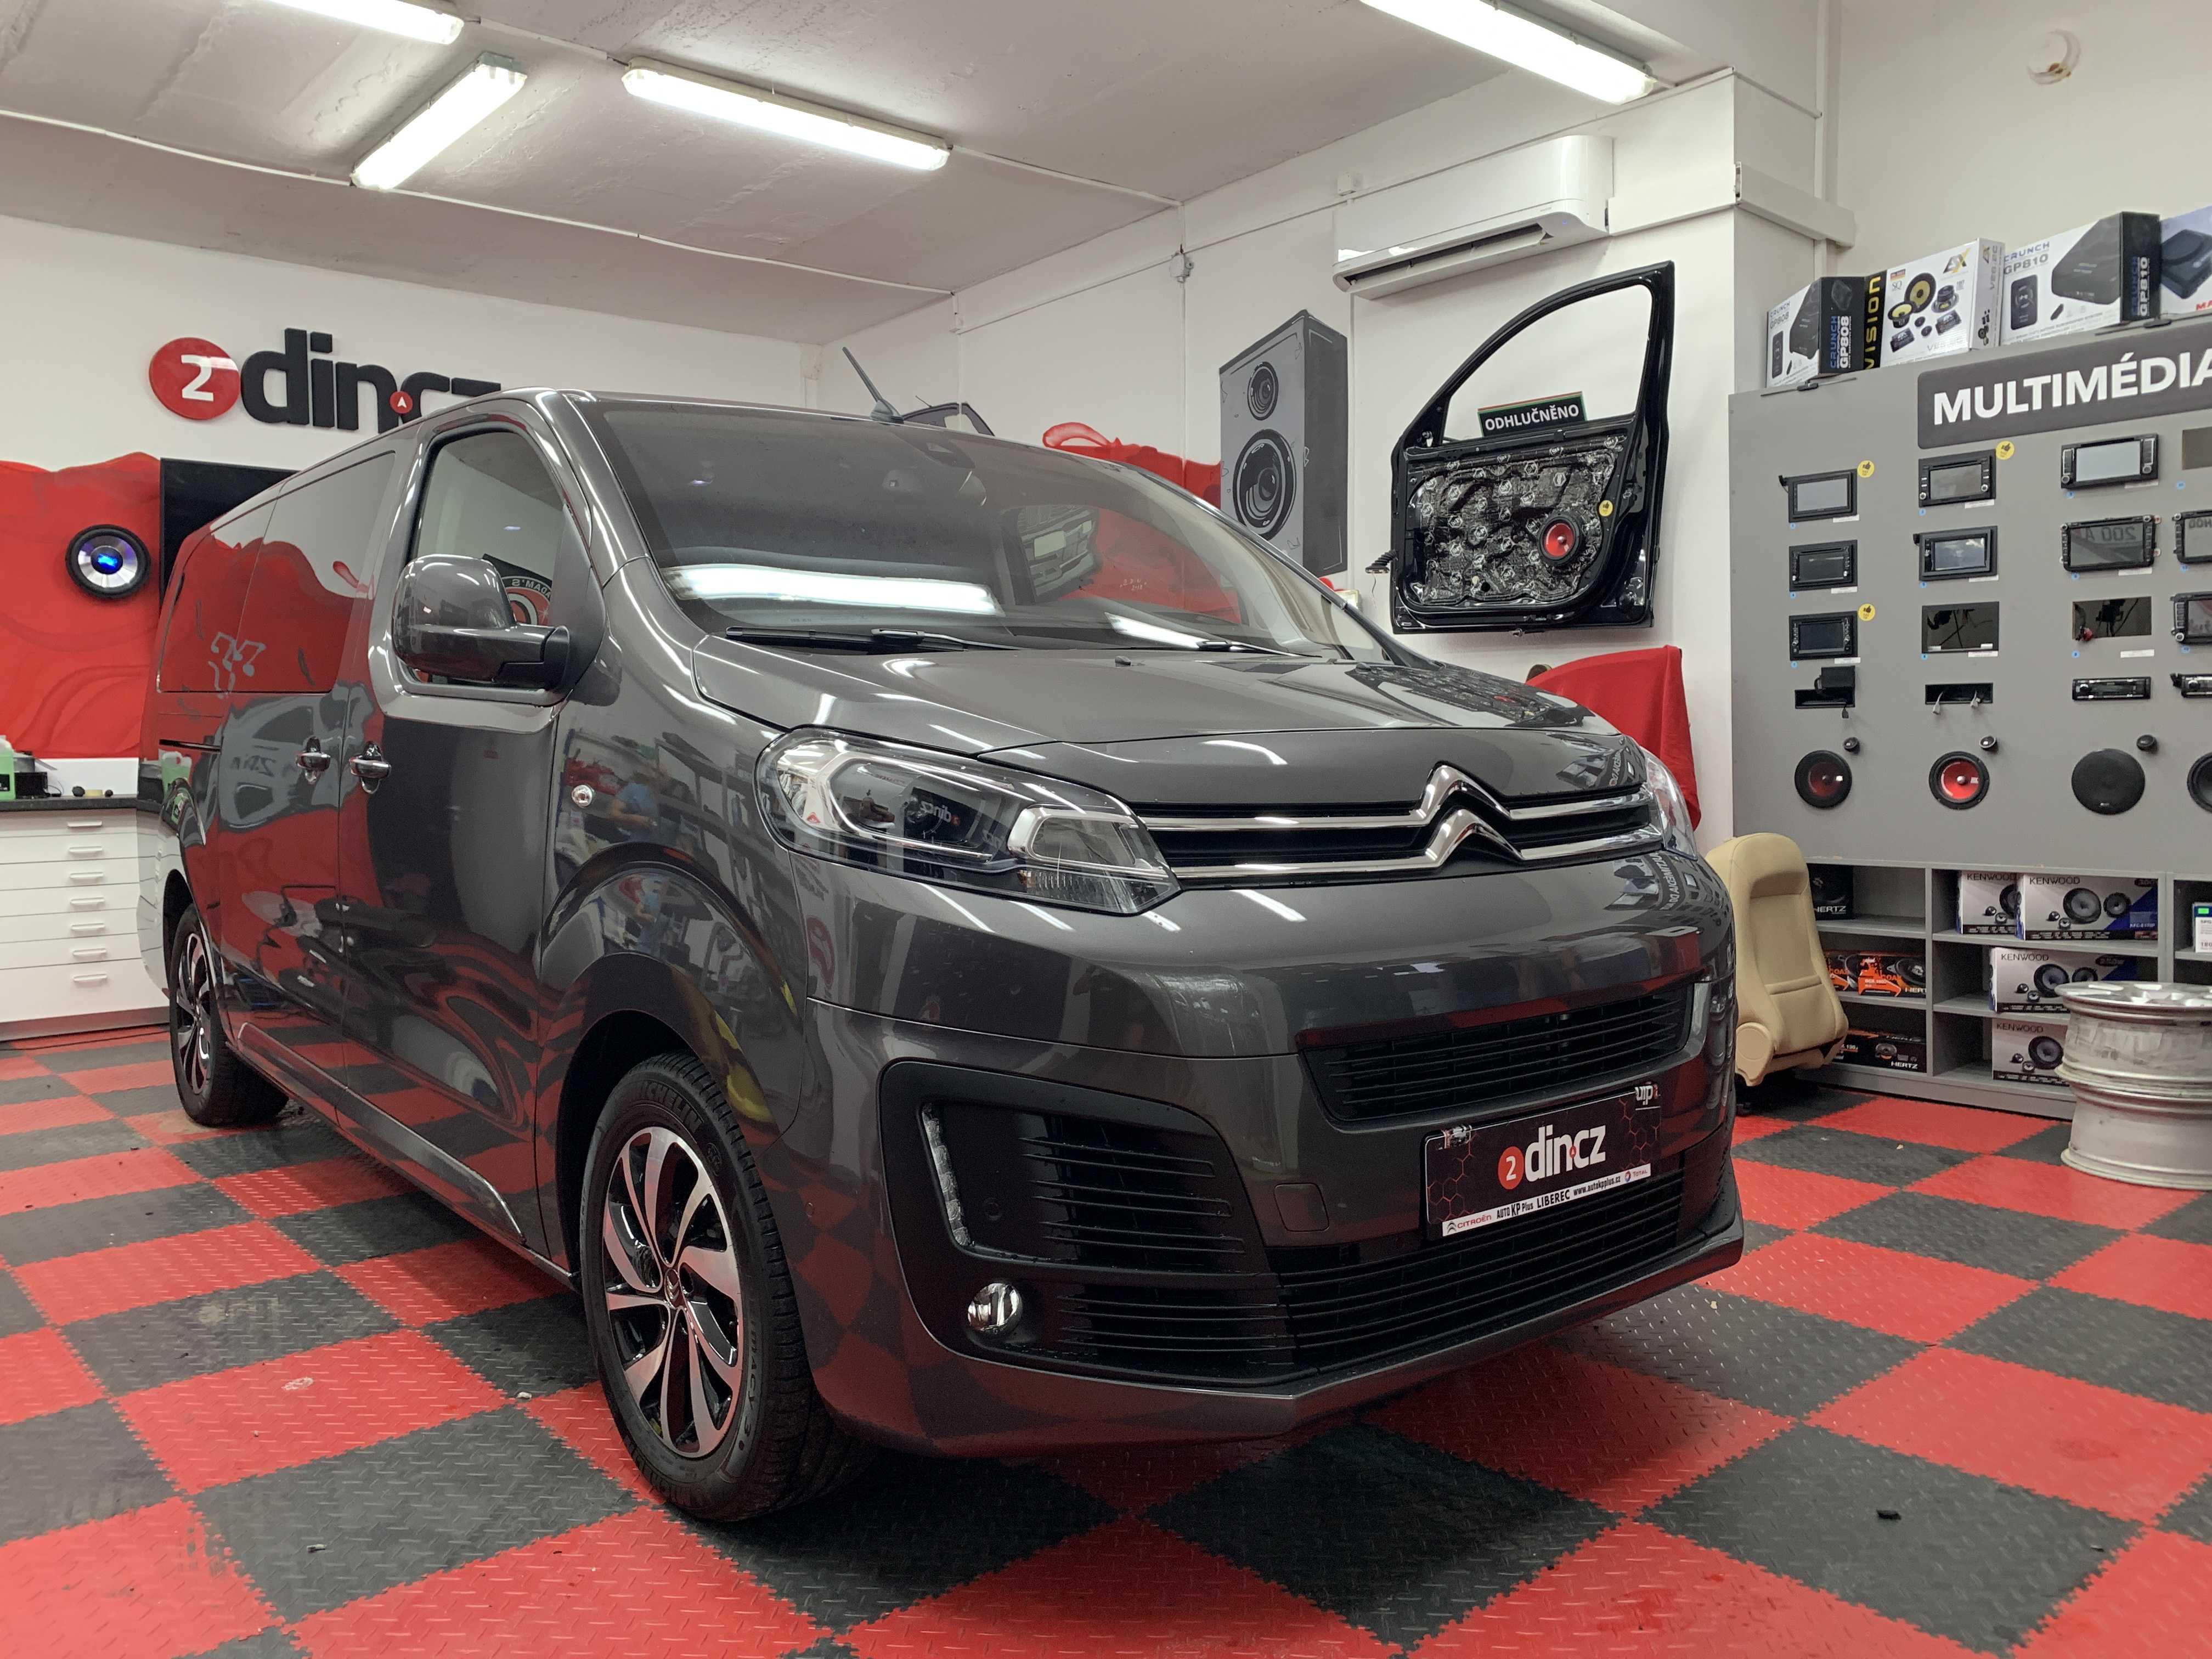 Citroën Space Tourer - Výměna reproduktorů a odhlučnění dveří